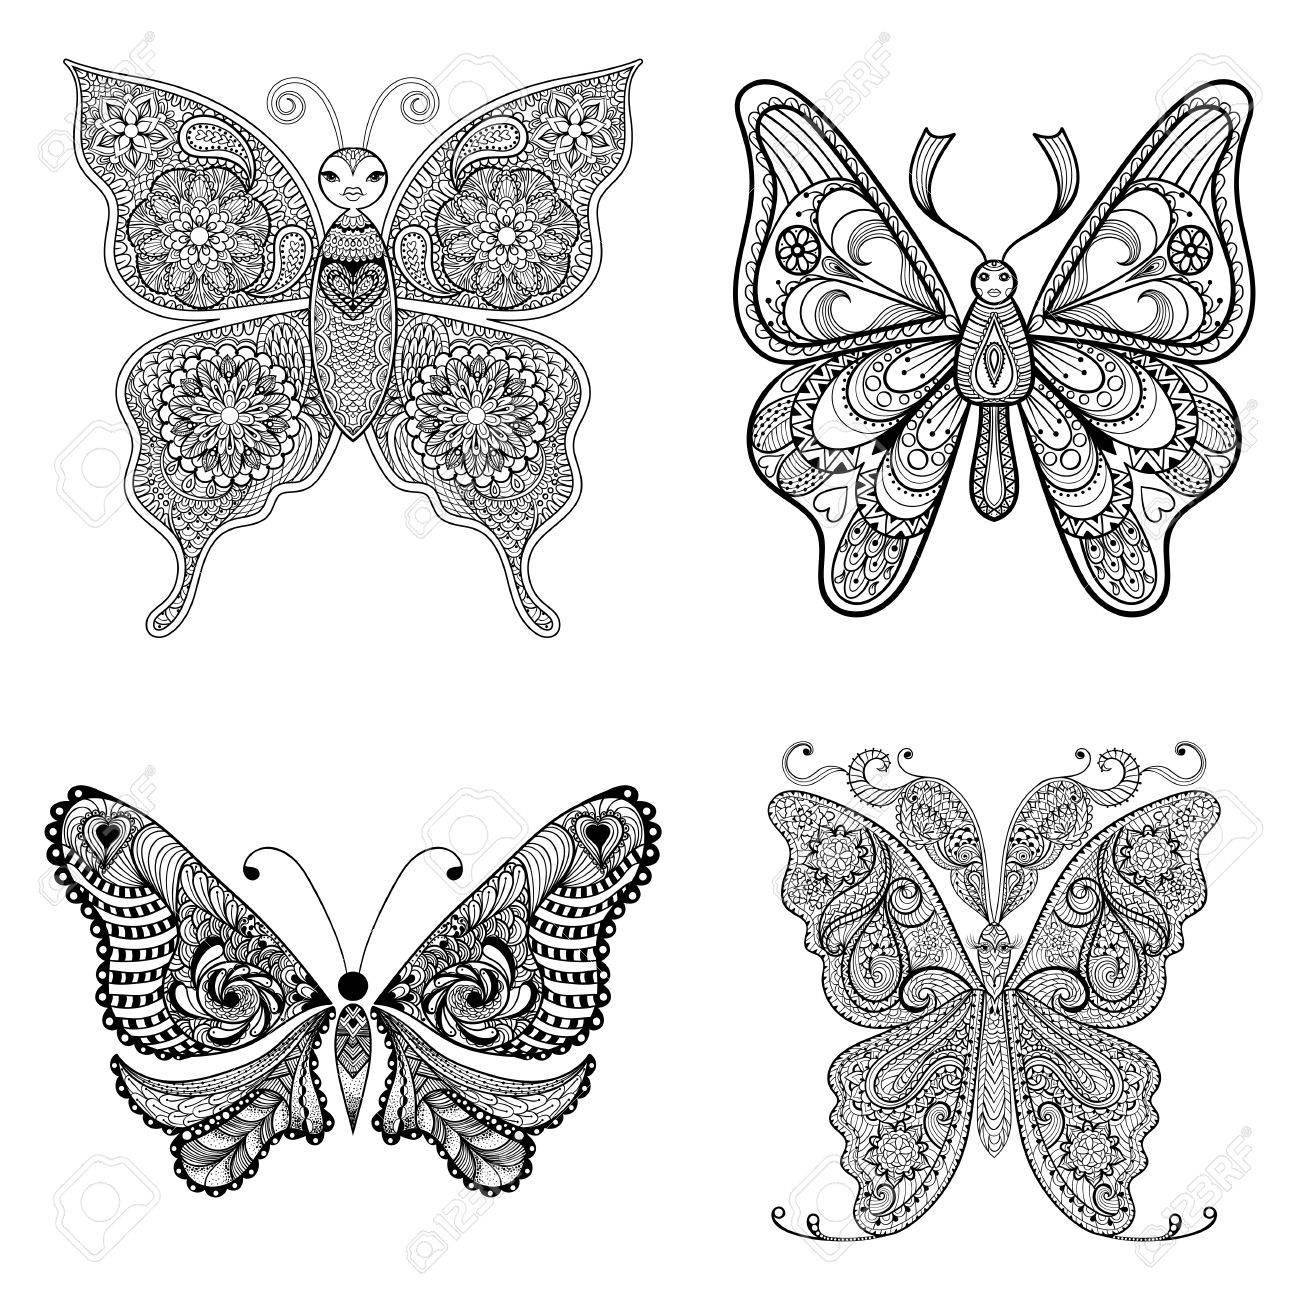 Zentangle Vector Mariposas Negras Fijados Para Colorear Páginas De ...